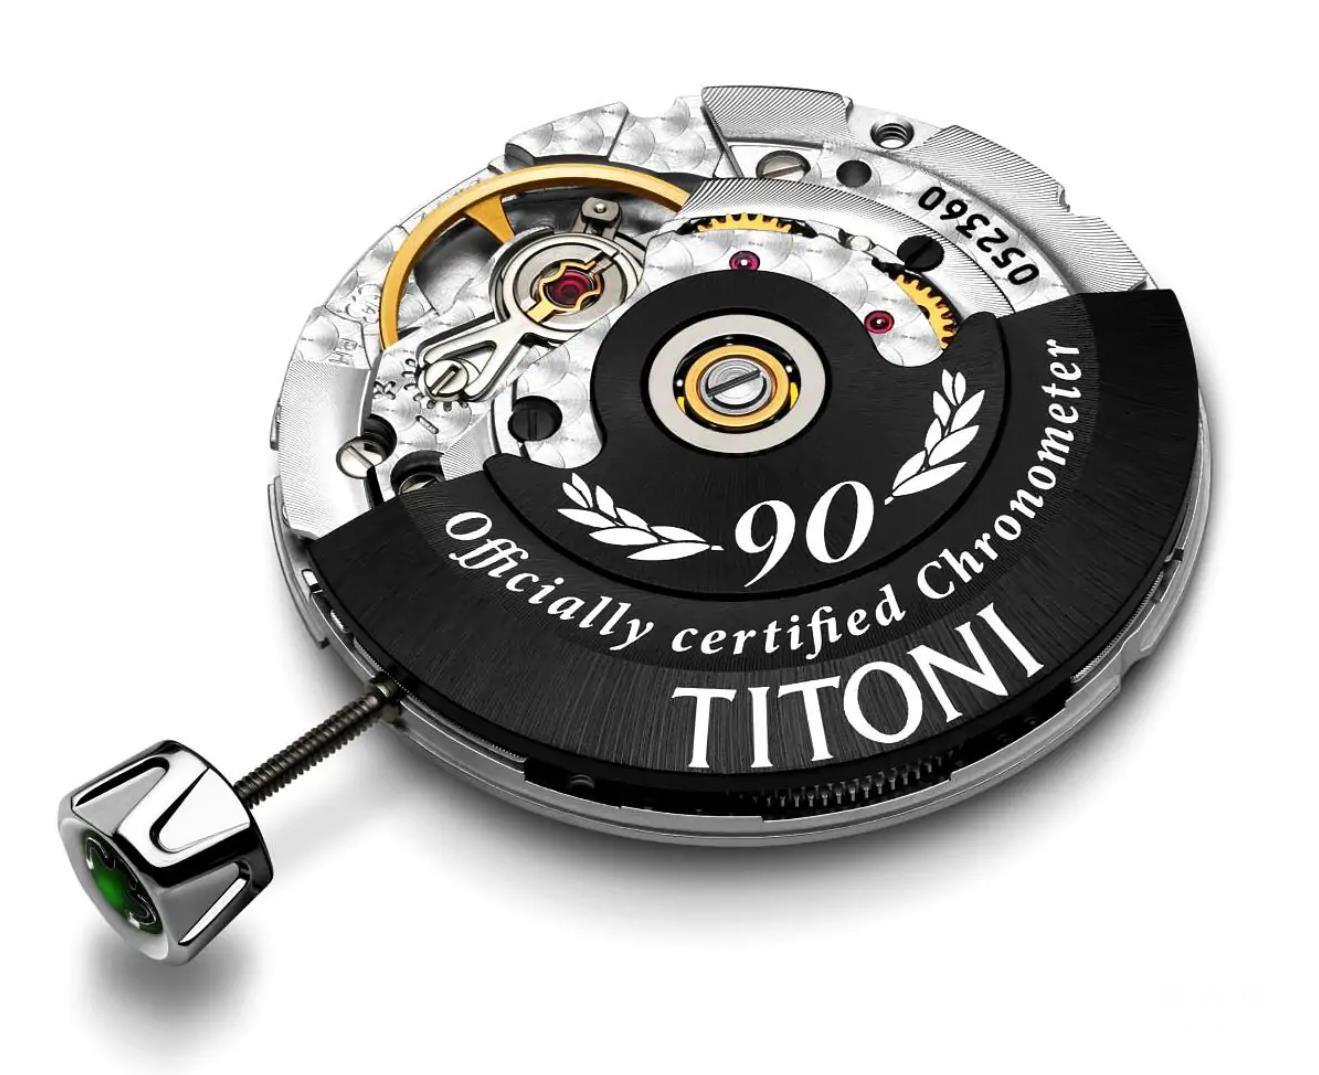 Titoni手工组装的机芯